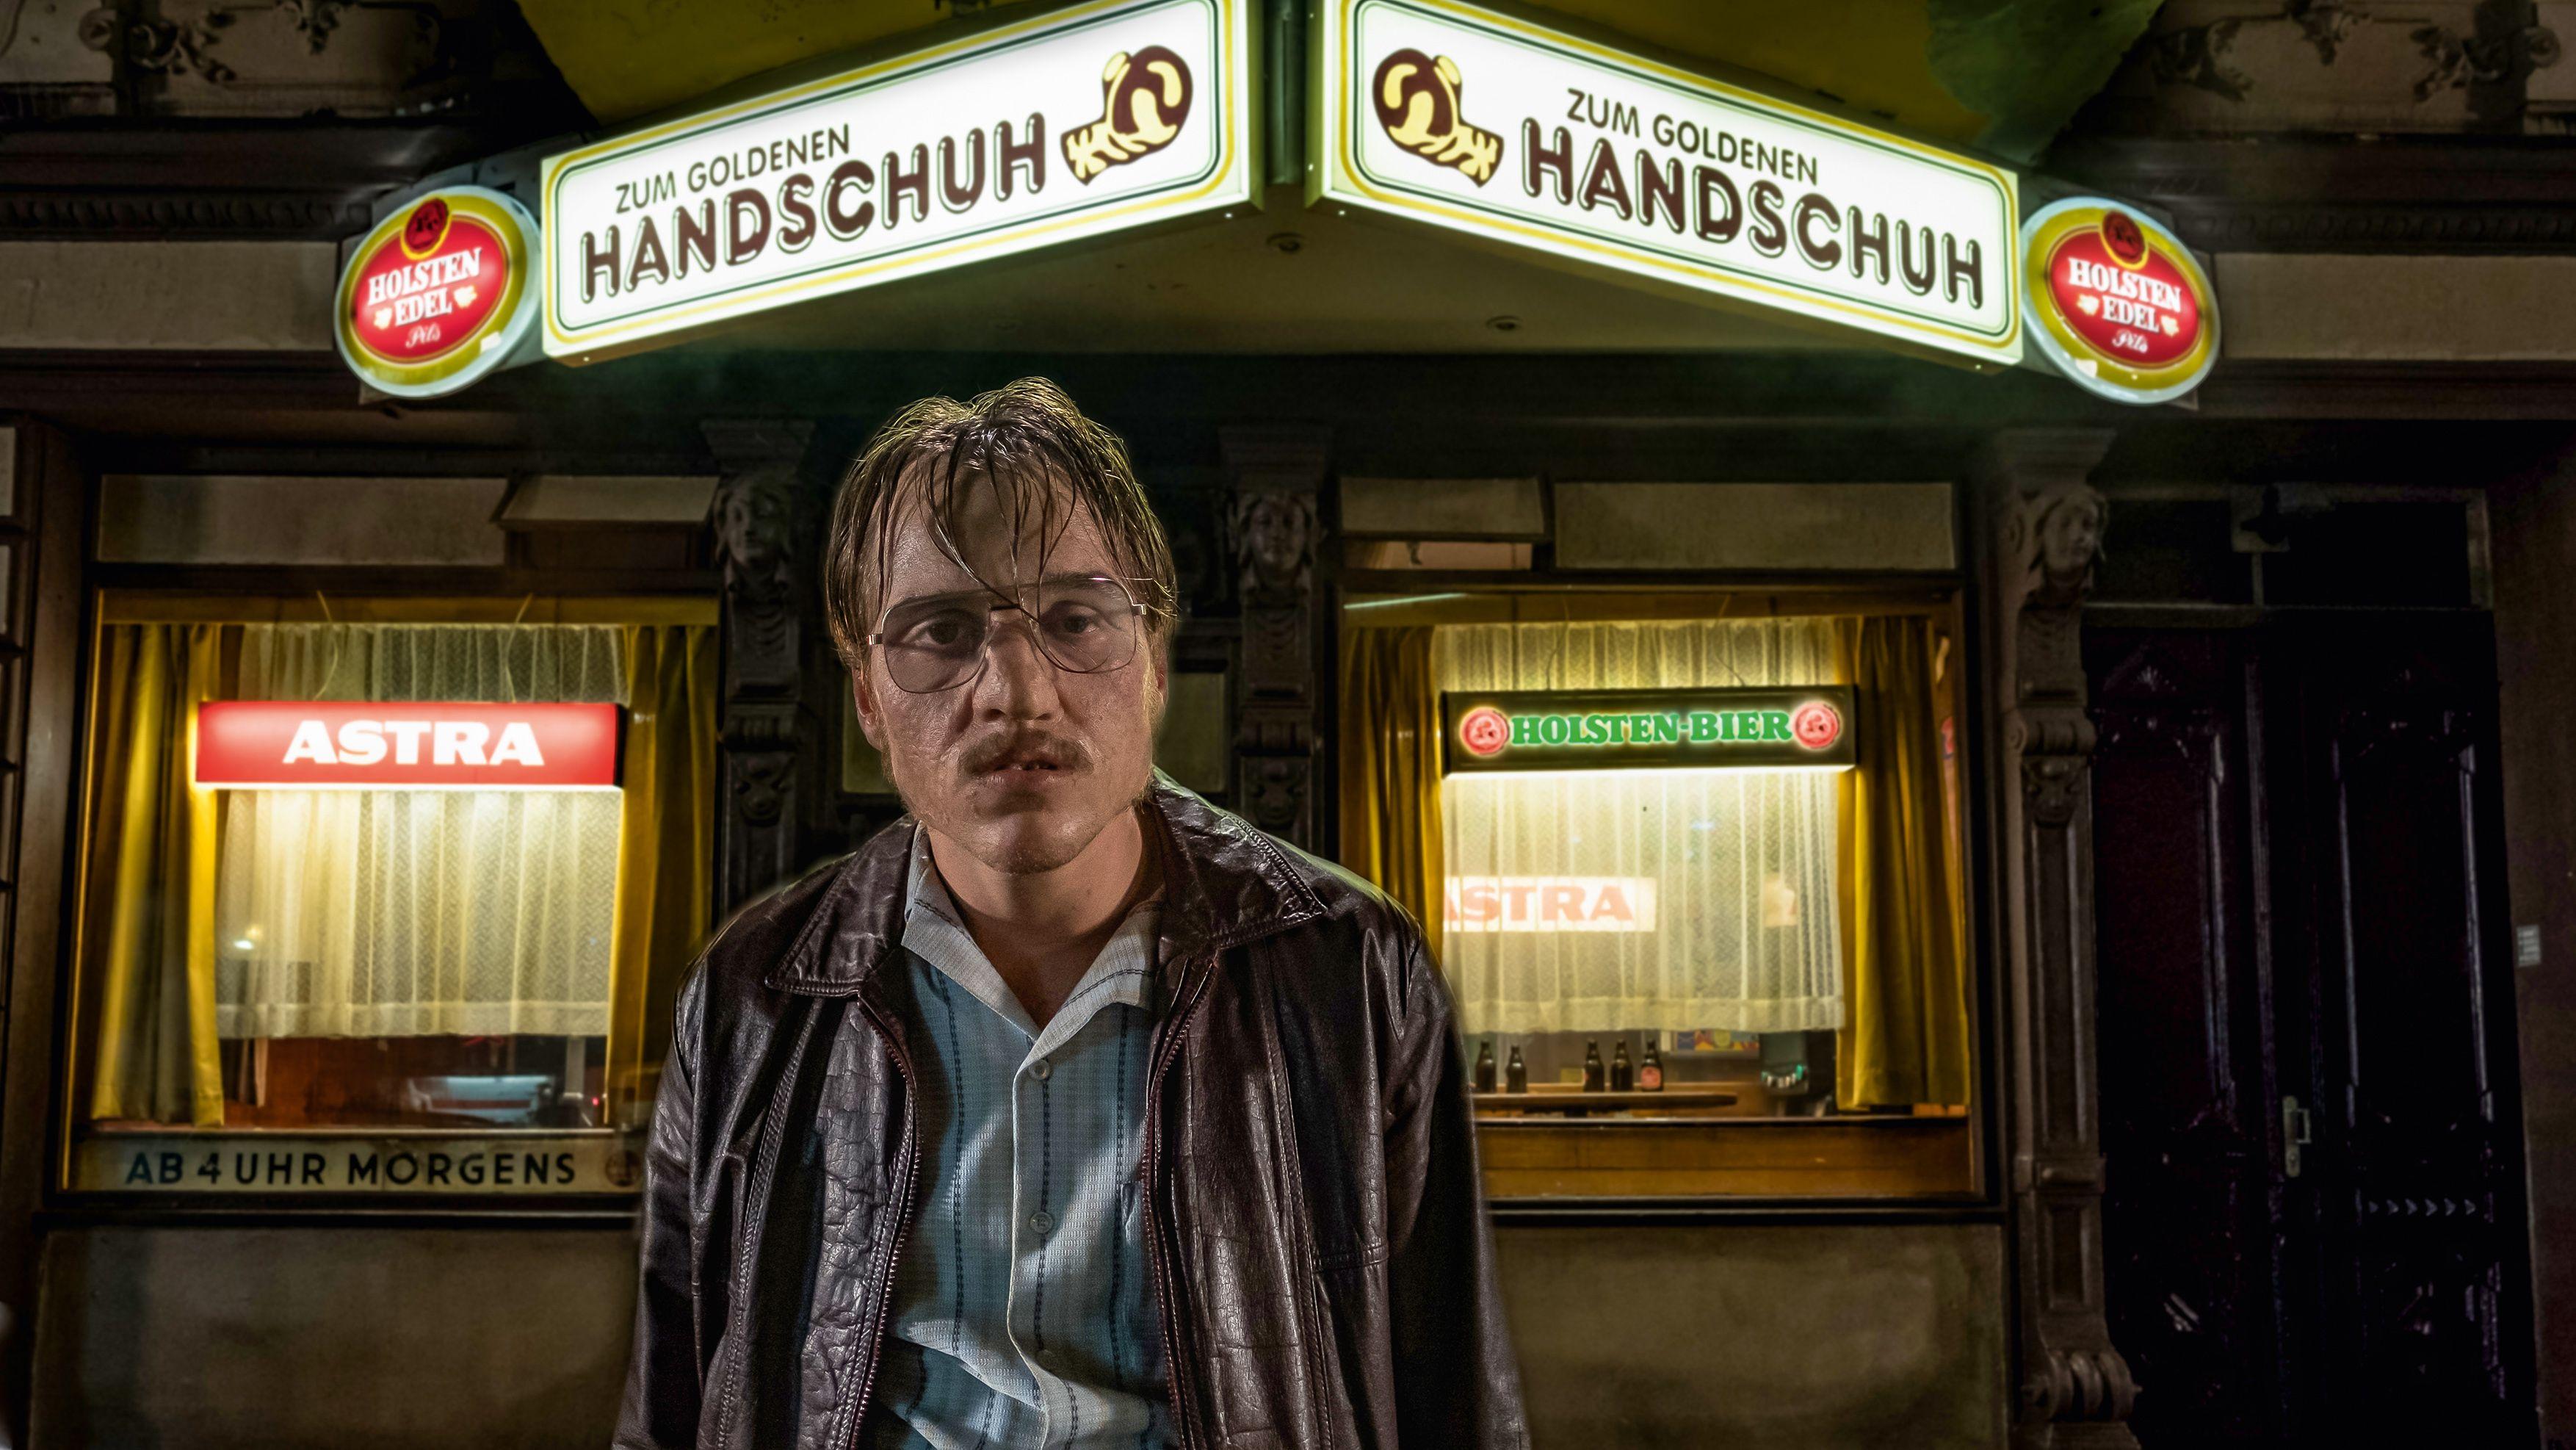 Crítica de la película 'The Golden Glove' dirigida por Fatih Akin - Berlinale 2019